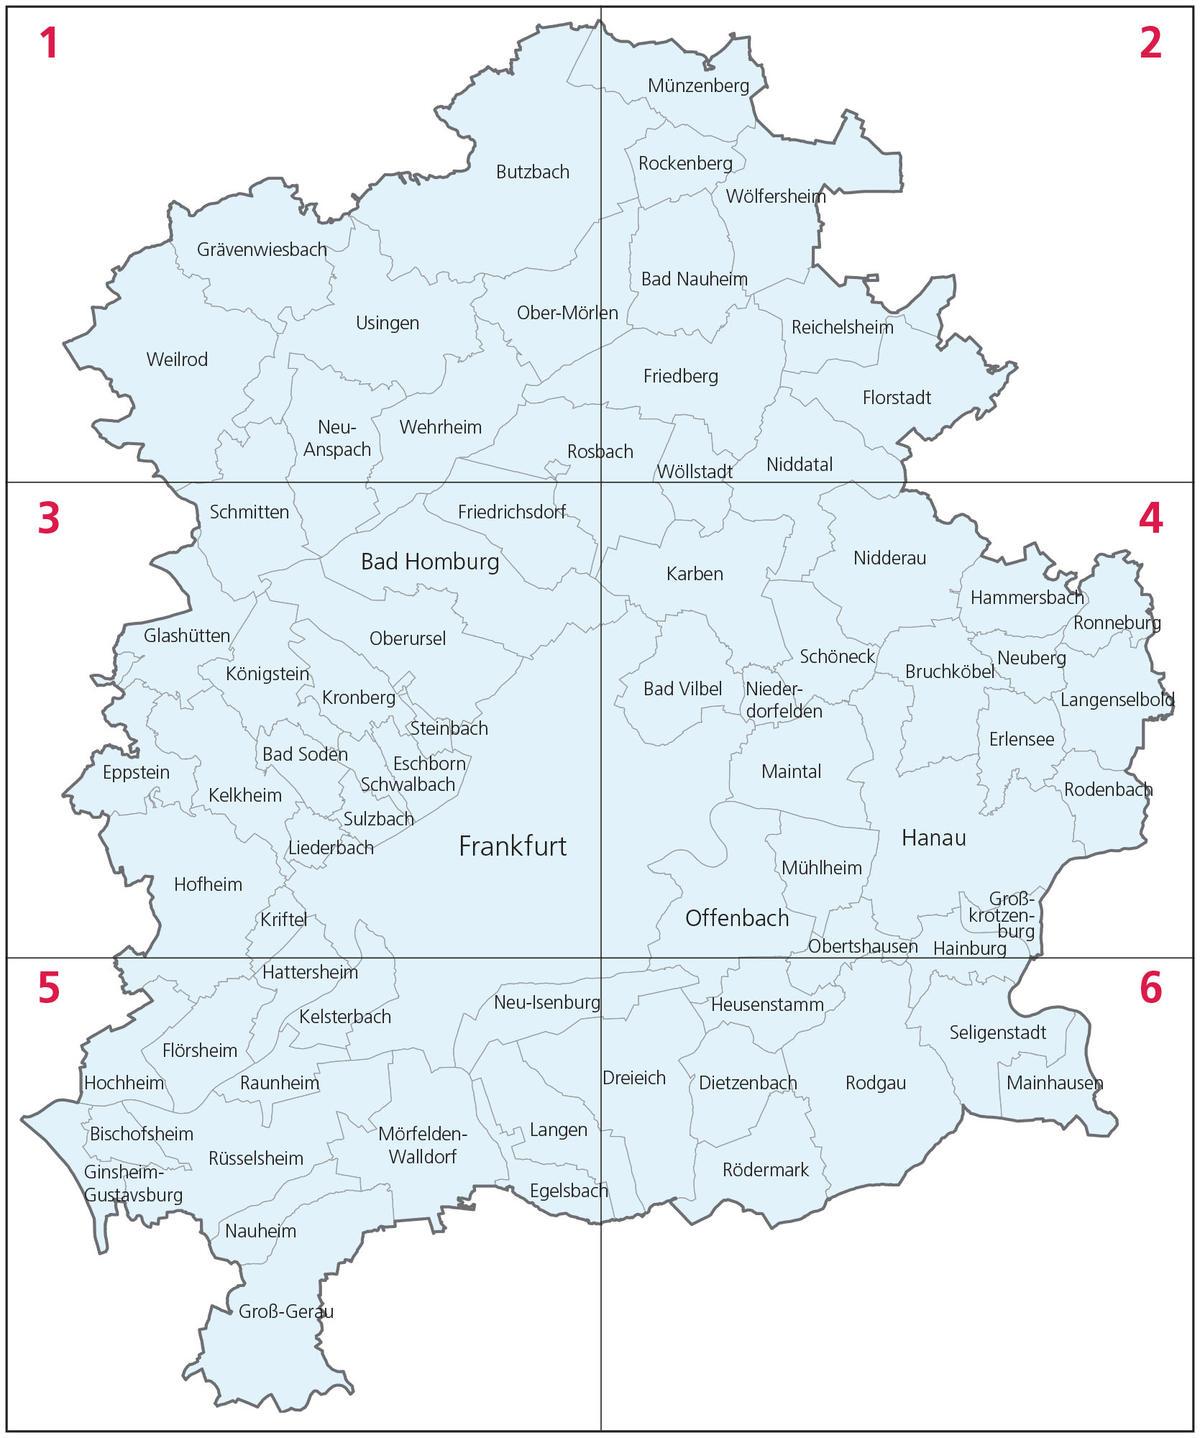 RegFNP - Regionaler Flächennutzungsplan Frankfurt Rhein-Main - Karte